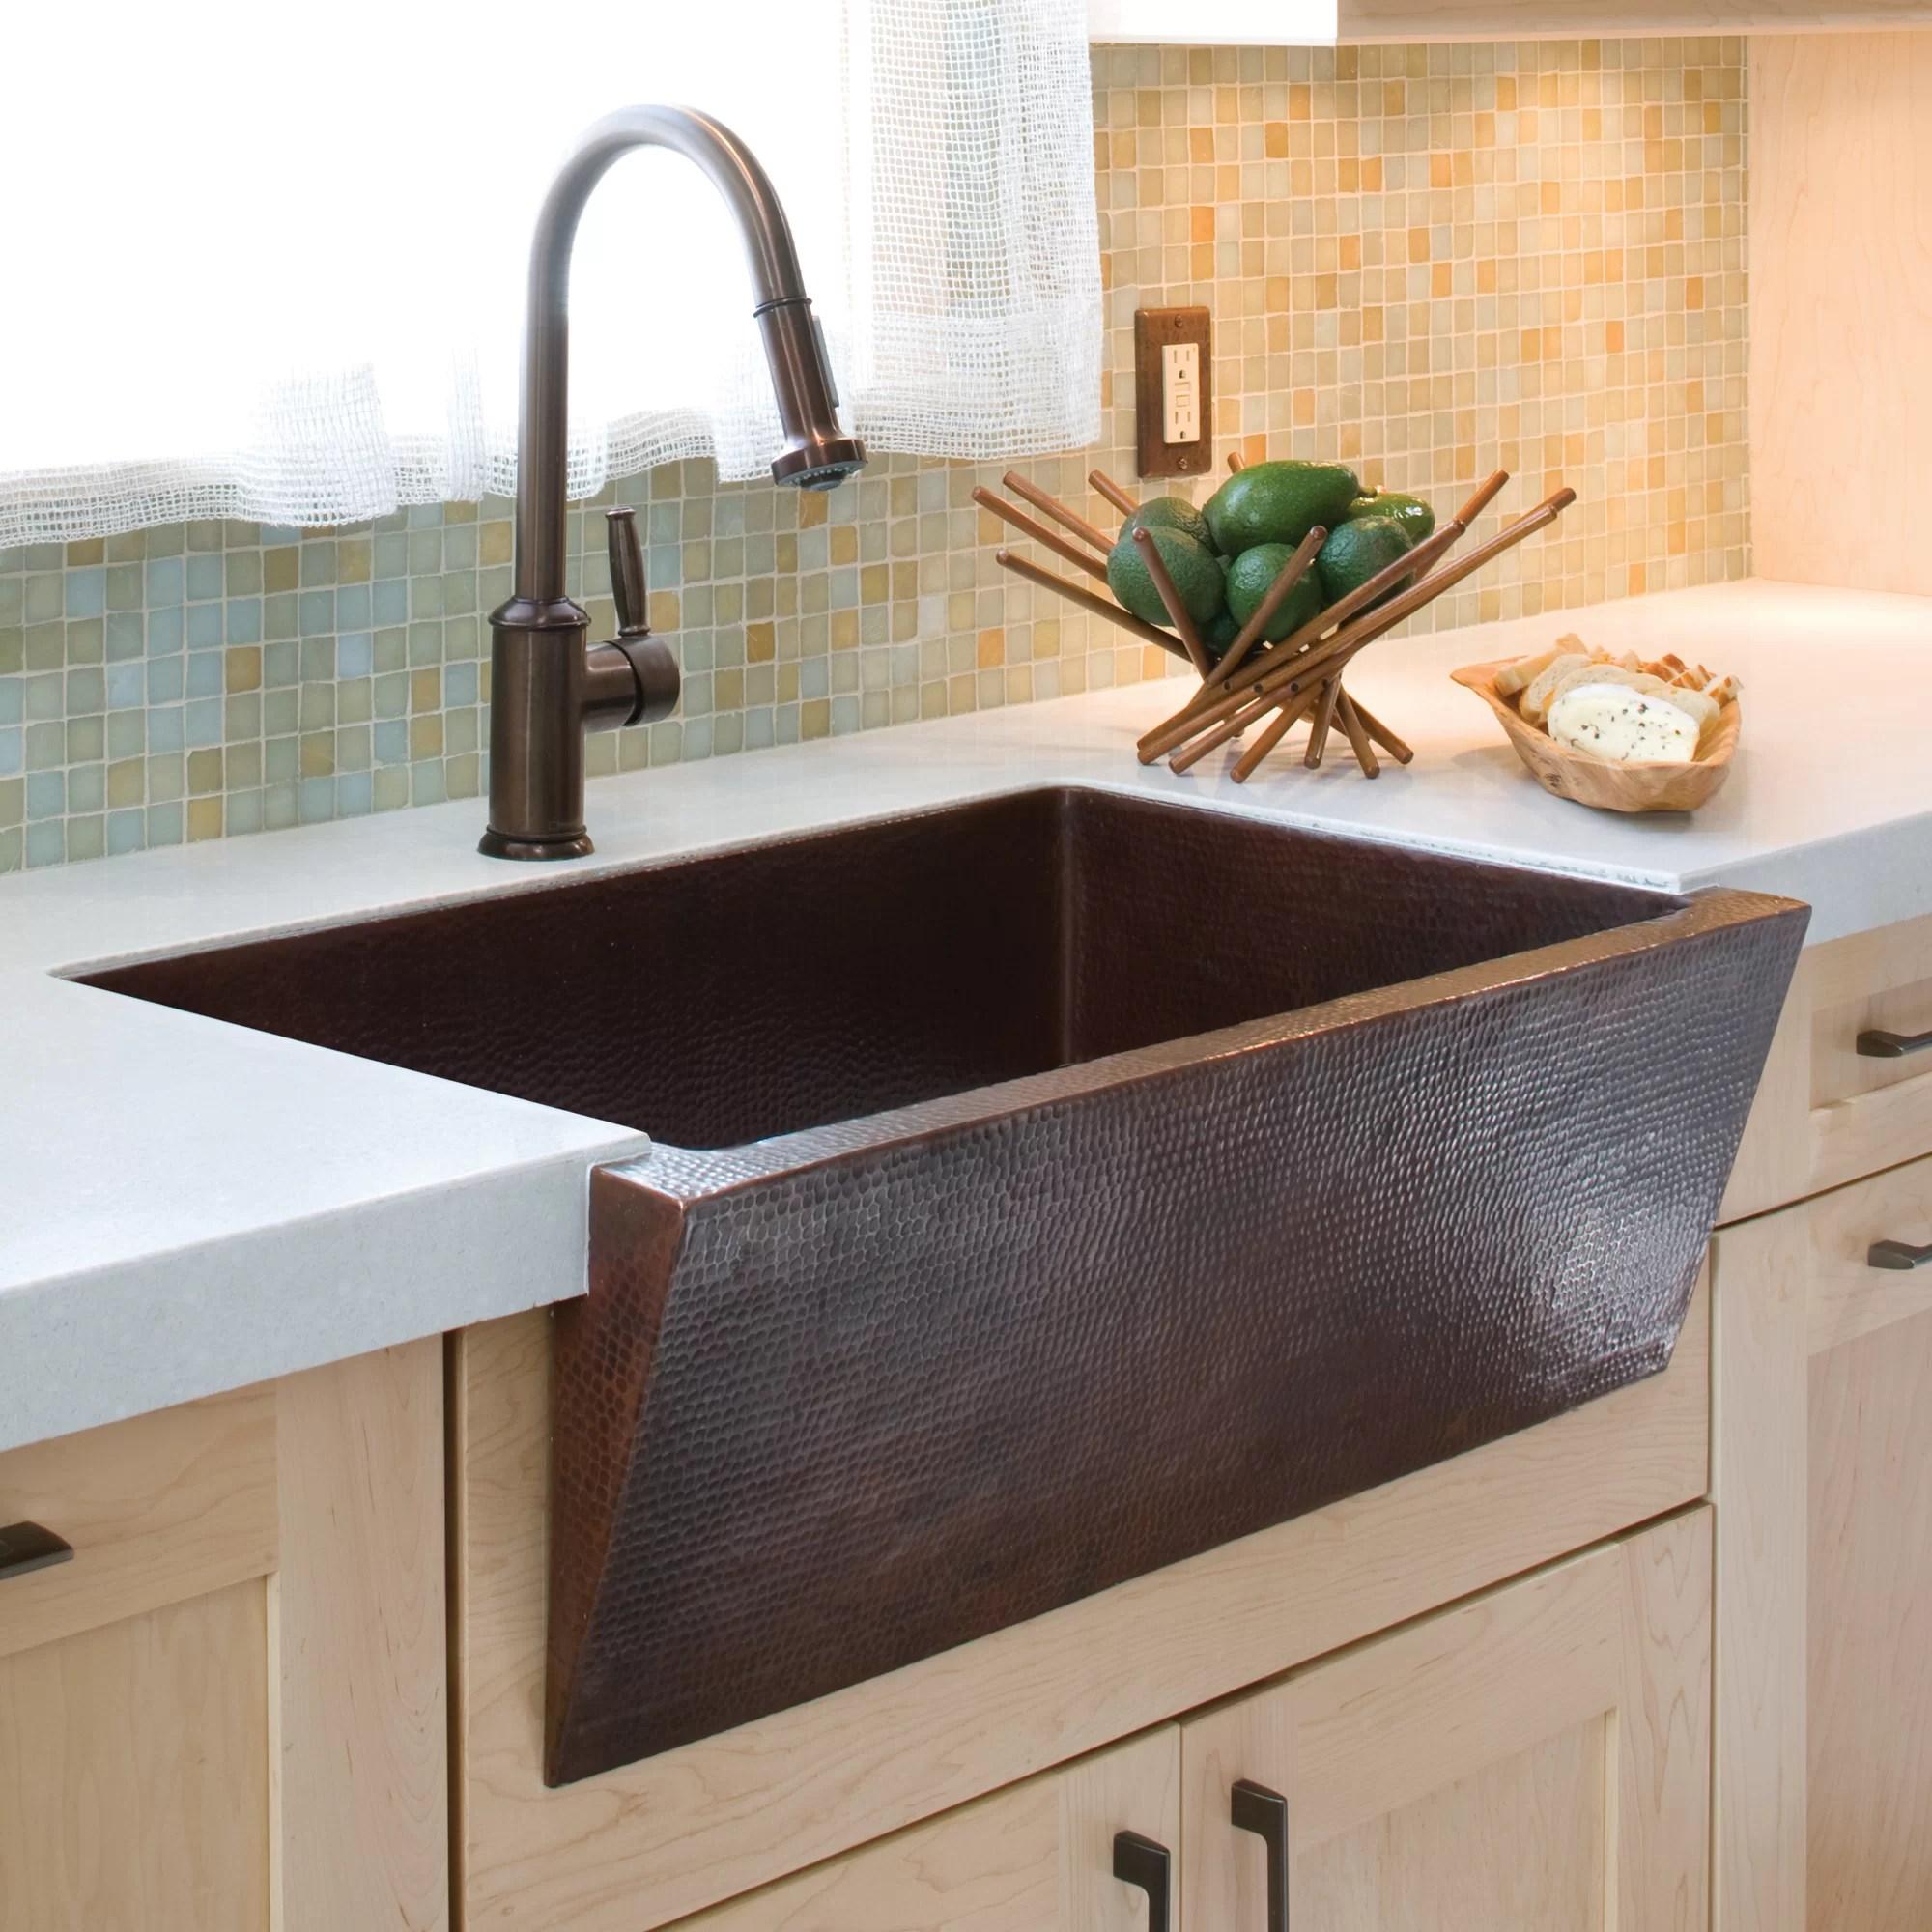 farmhouse 33 l x 22 w apron kitchen sink